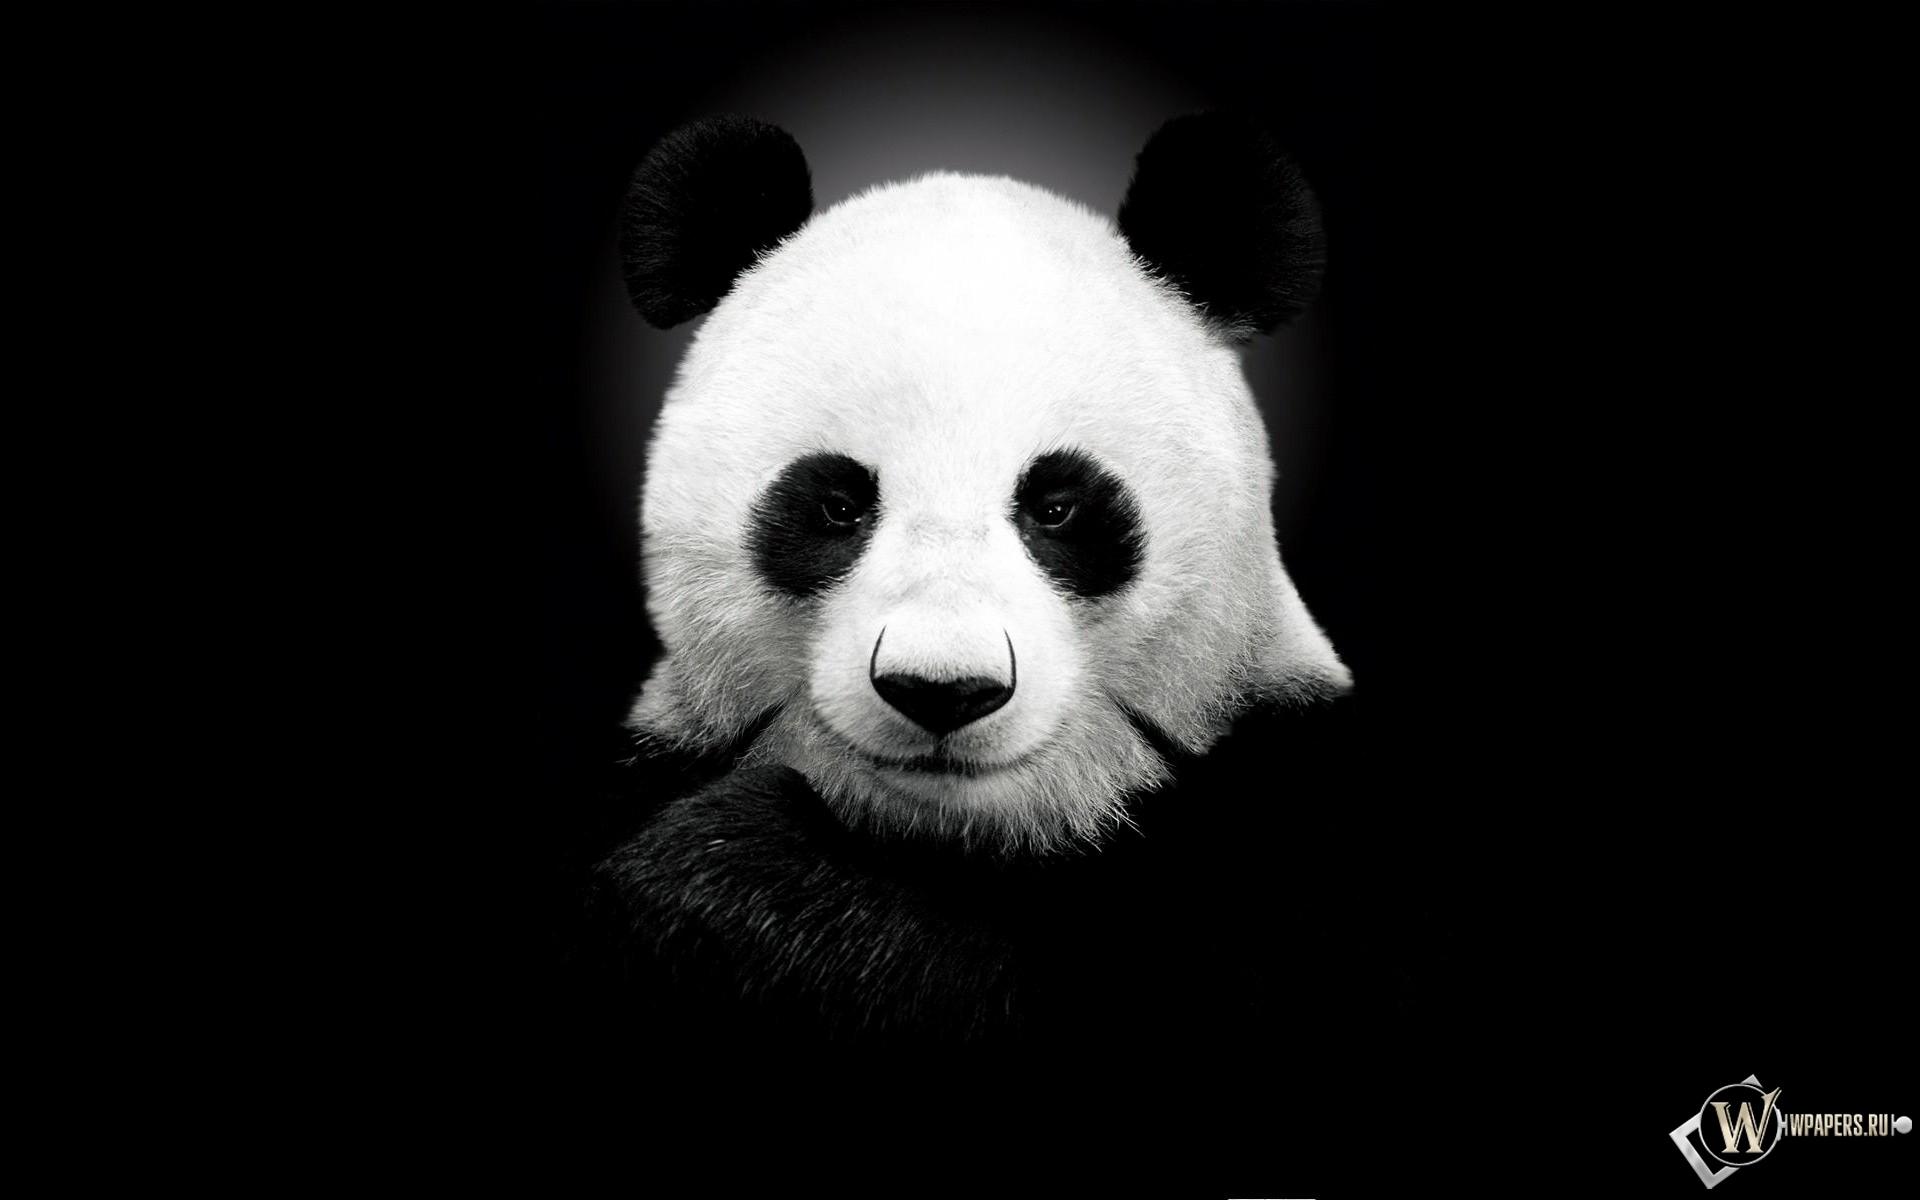 Панда на черном фоне 1920x1200